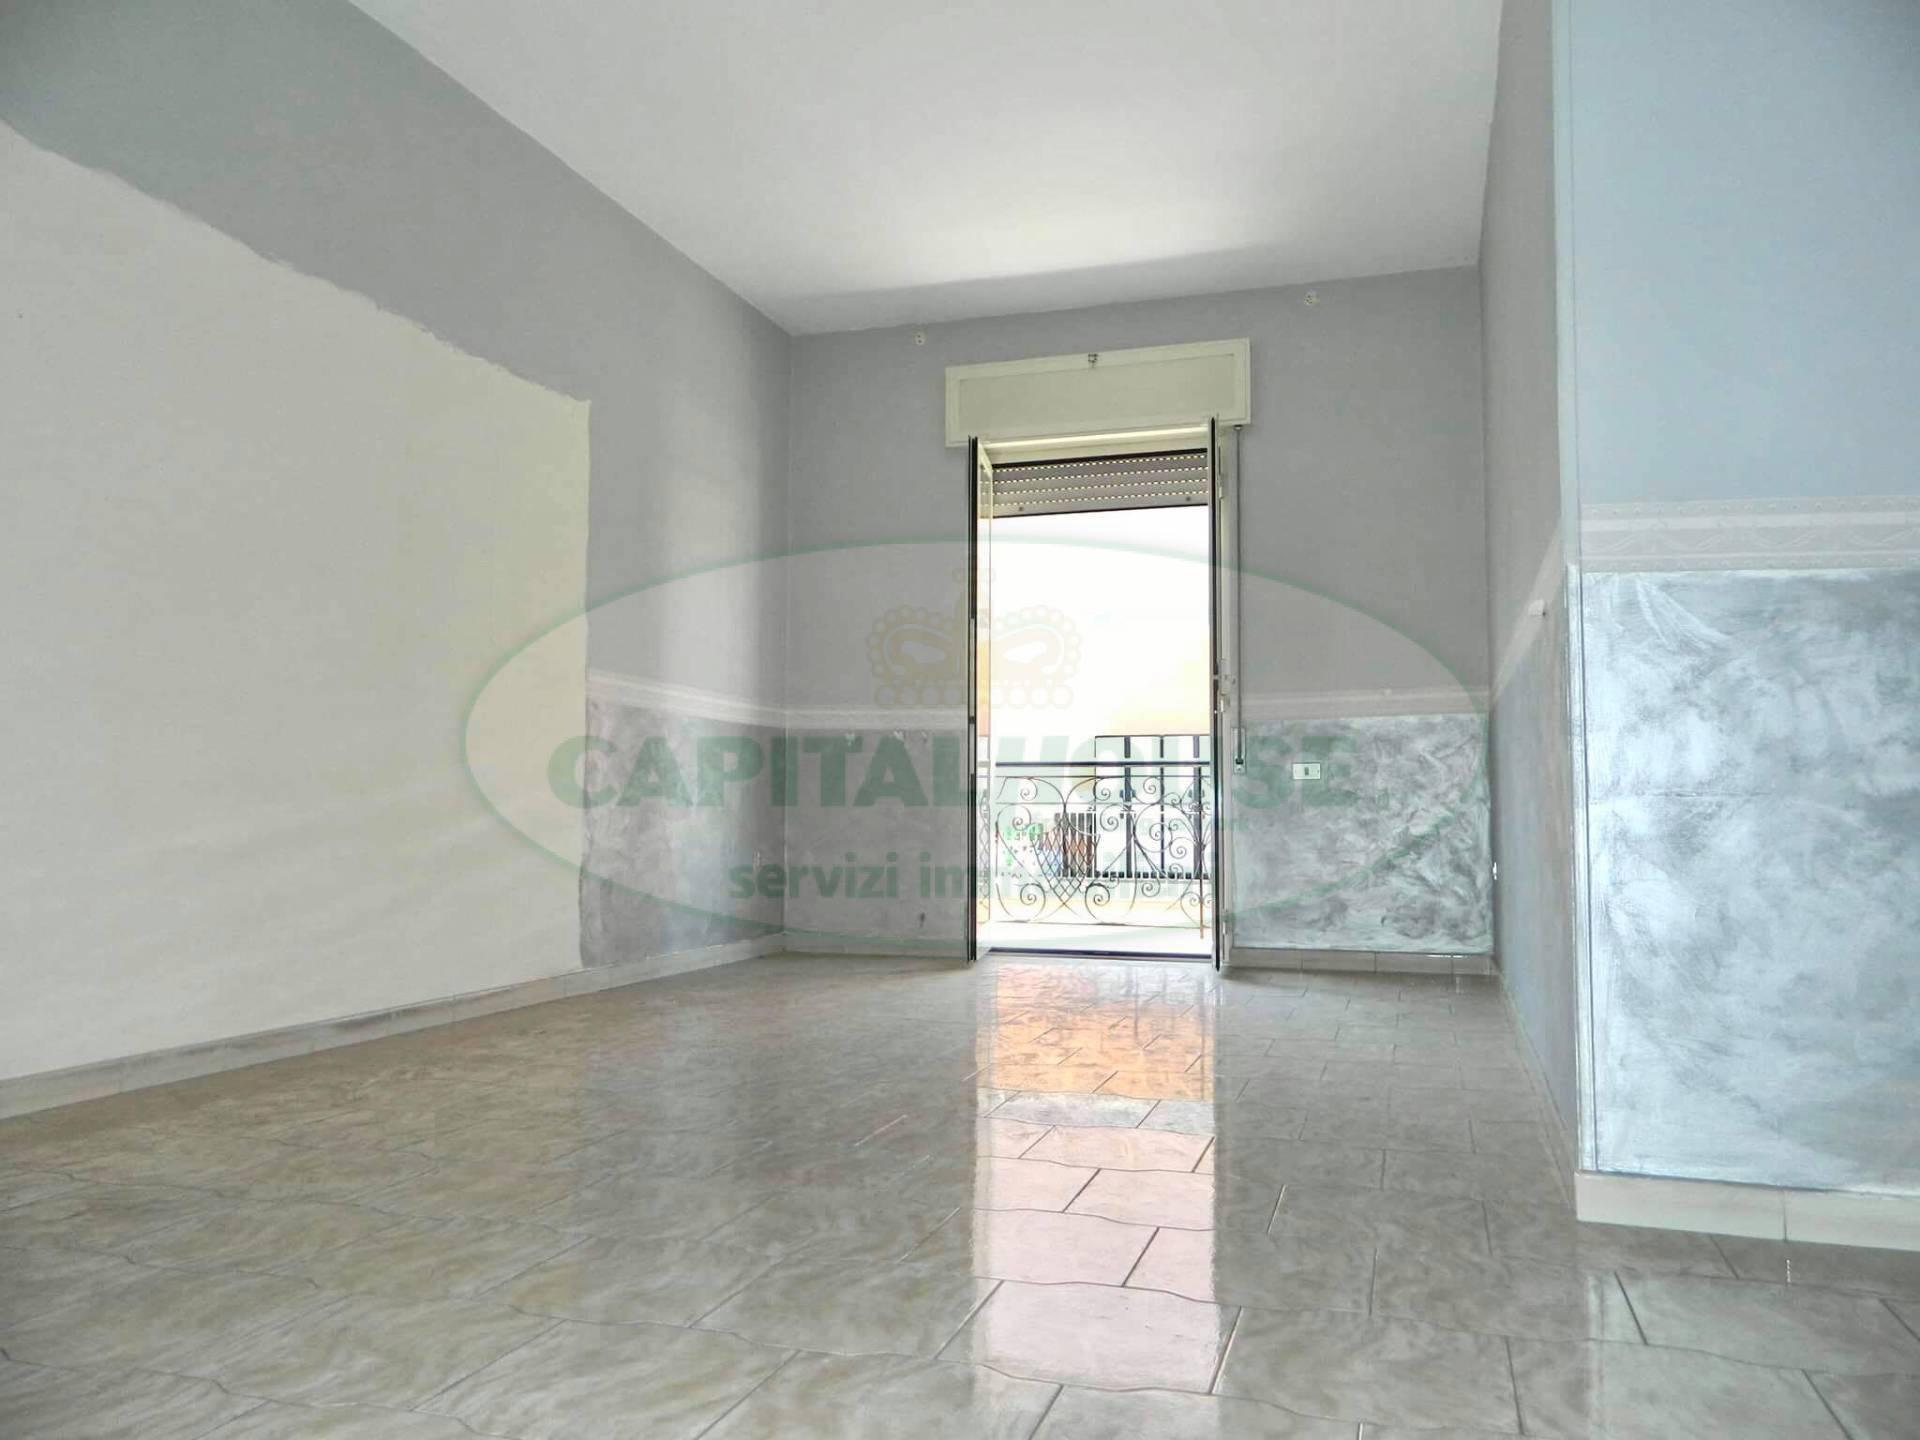 Appartamento in vendita a Afragola, 3 locali, zona Località: Centro, prezzo € 122.000 | CambioCasa.it